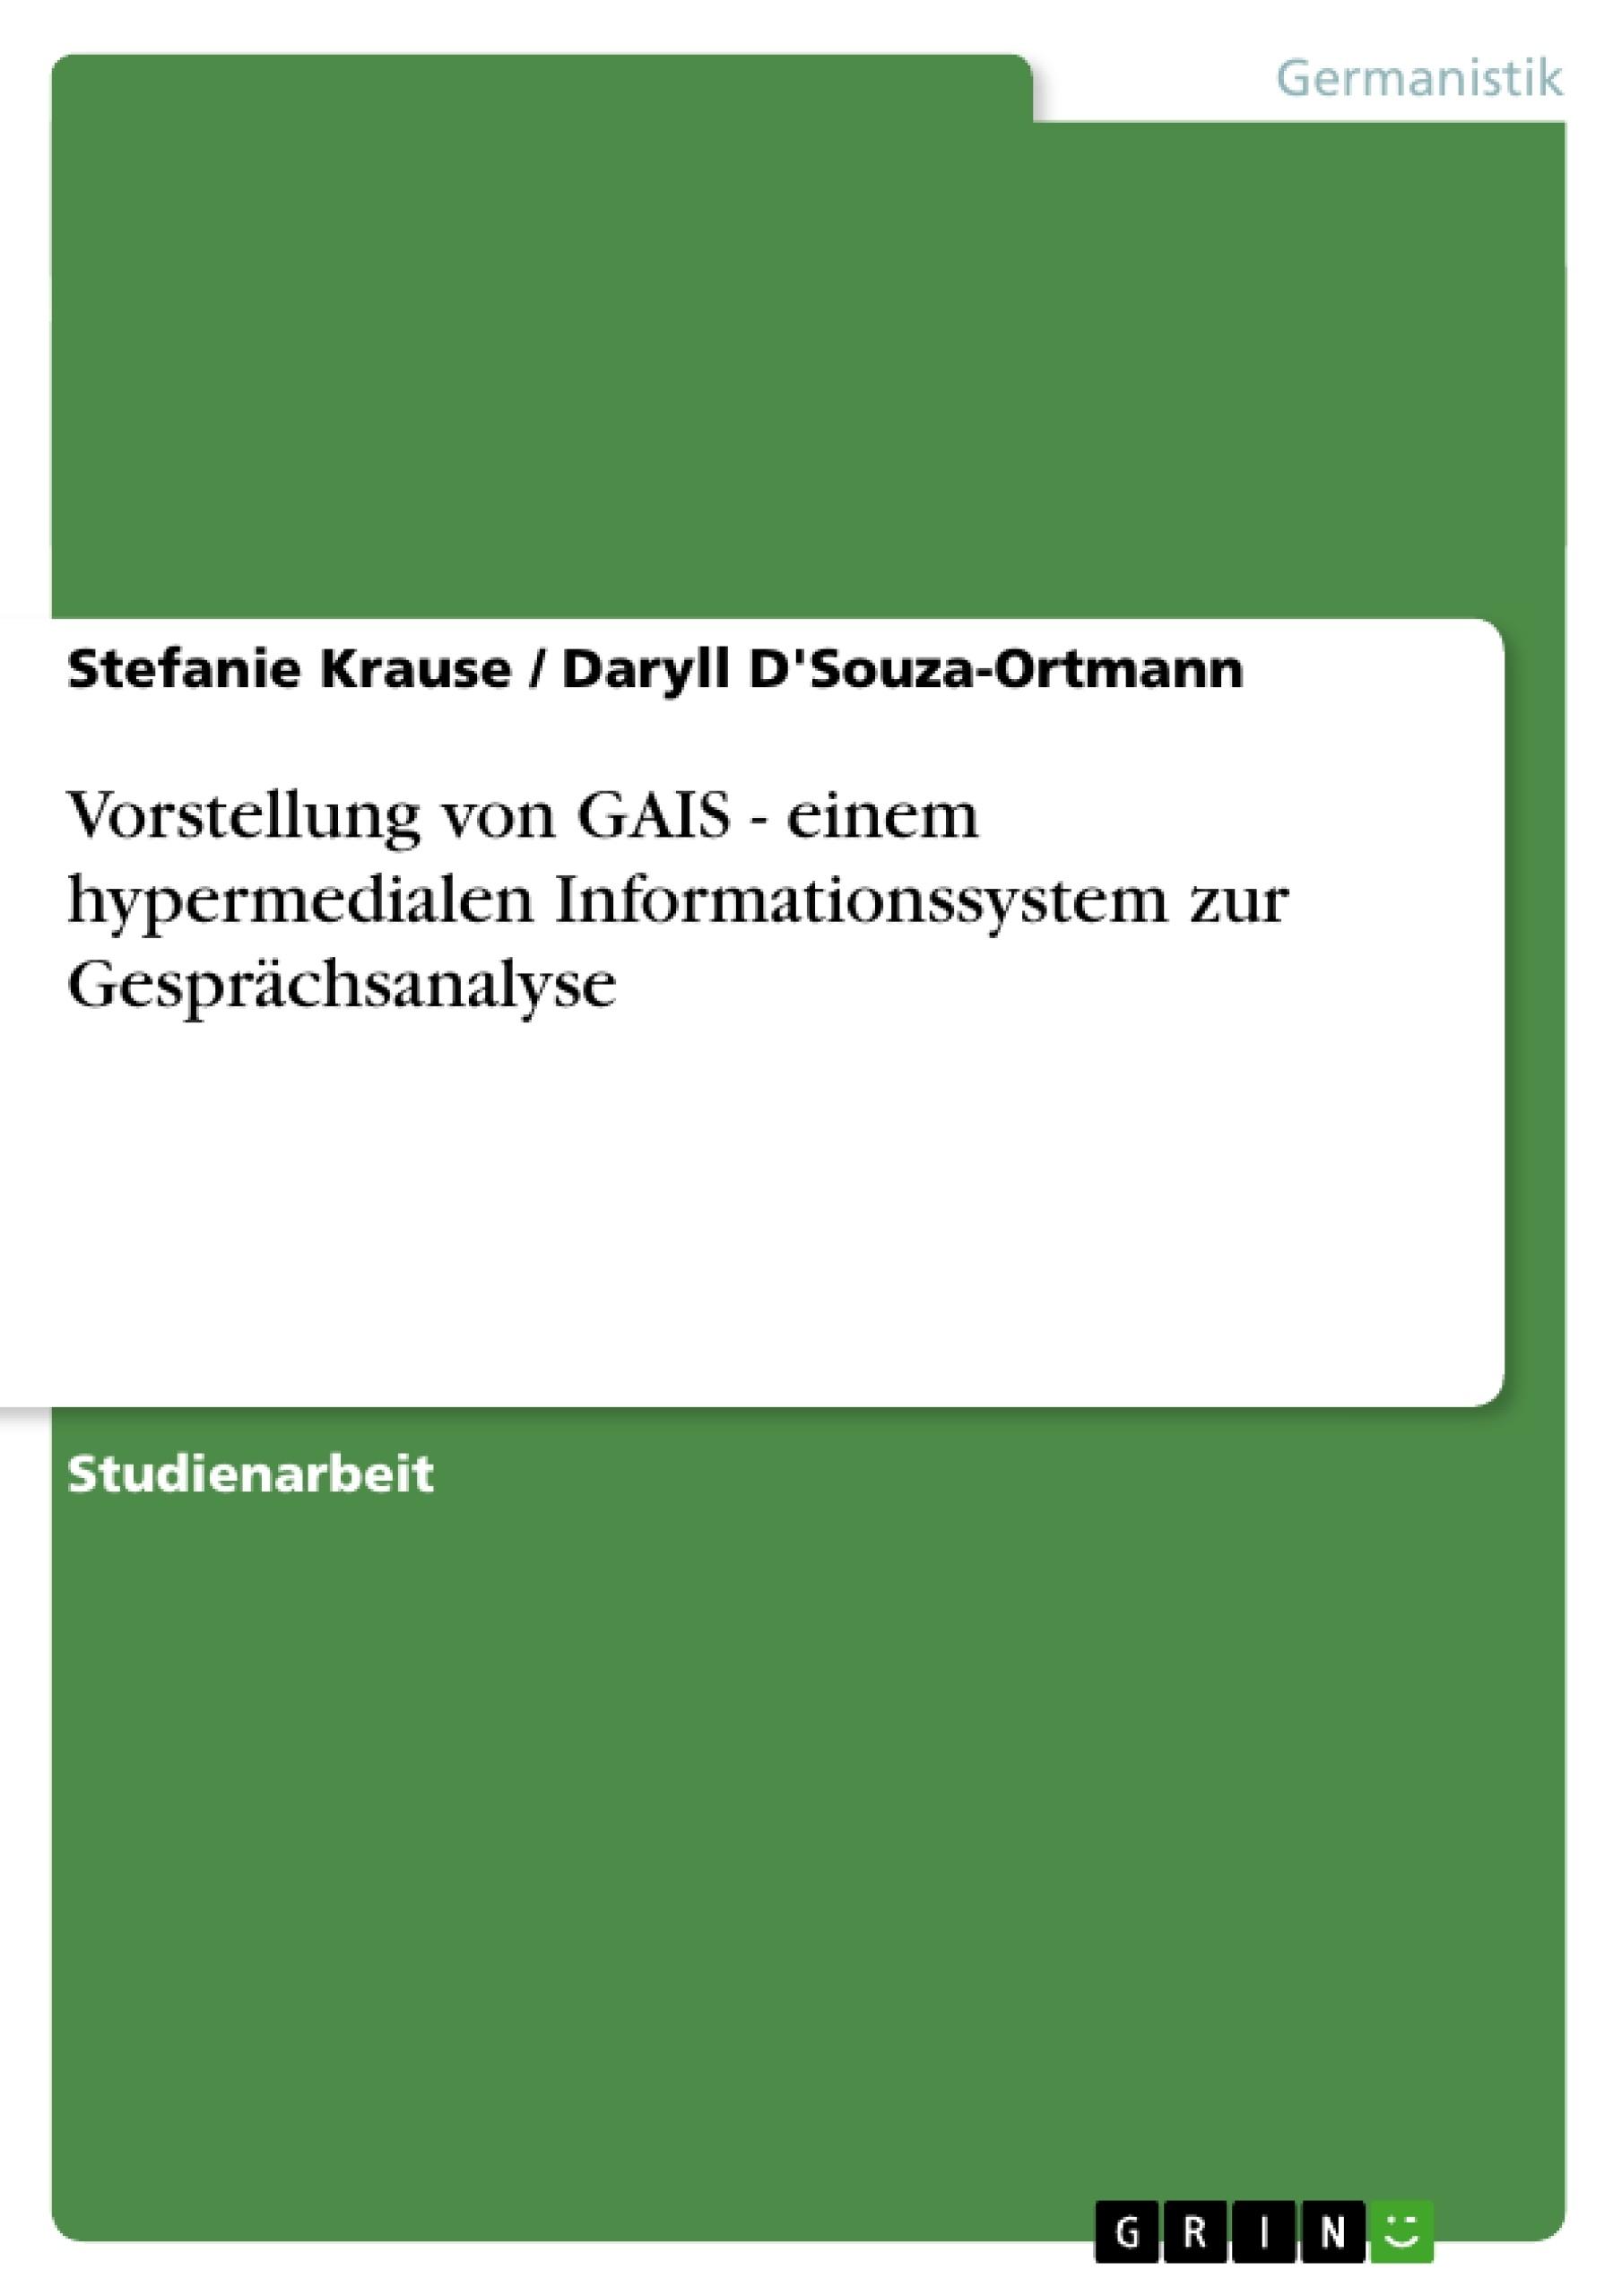 Titel: Vorstellung von GAIS - einem hypermedialen Informationssystem zur Gesprächsanalyse